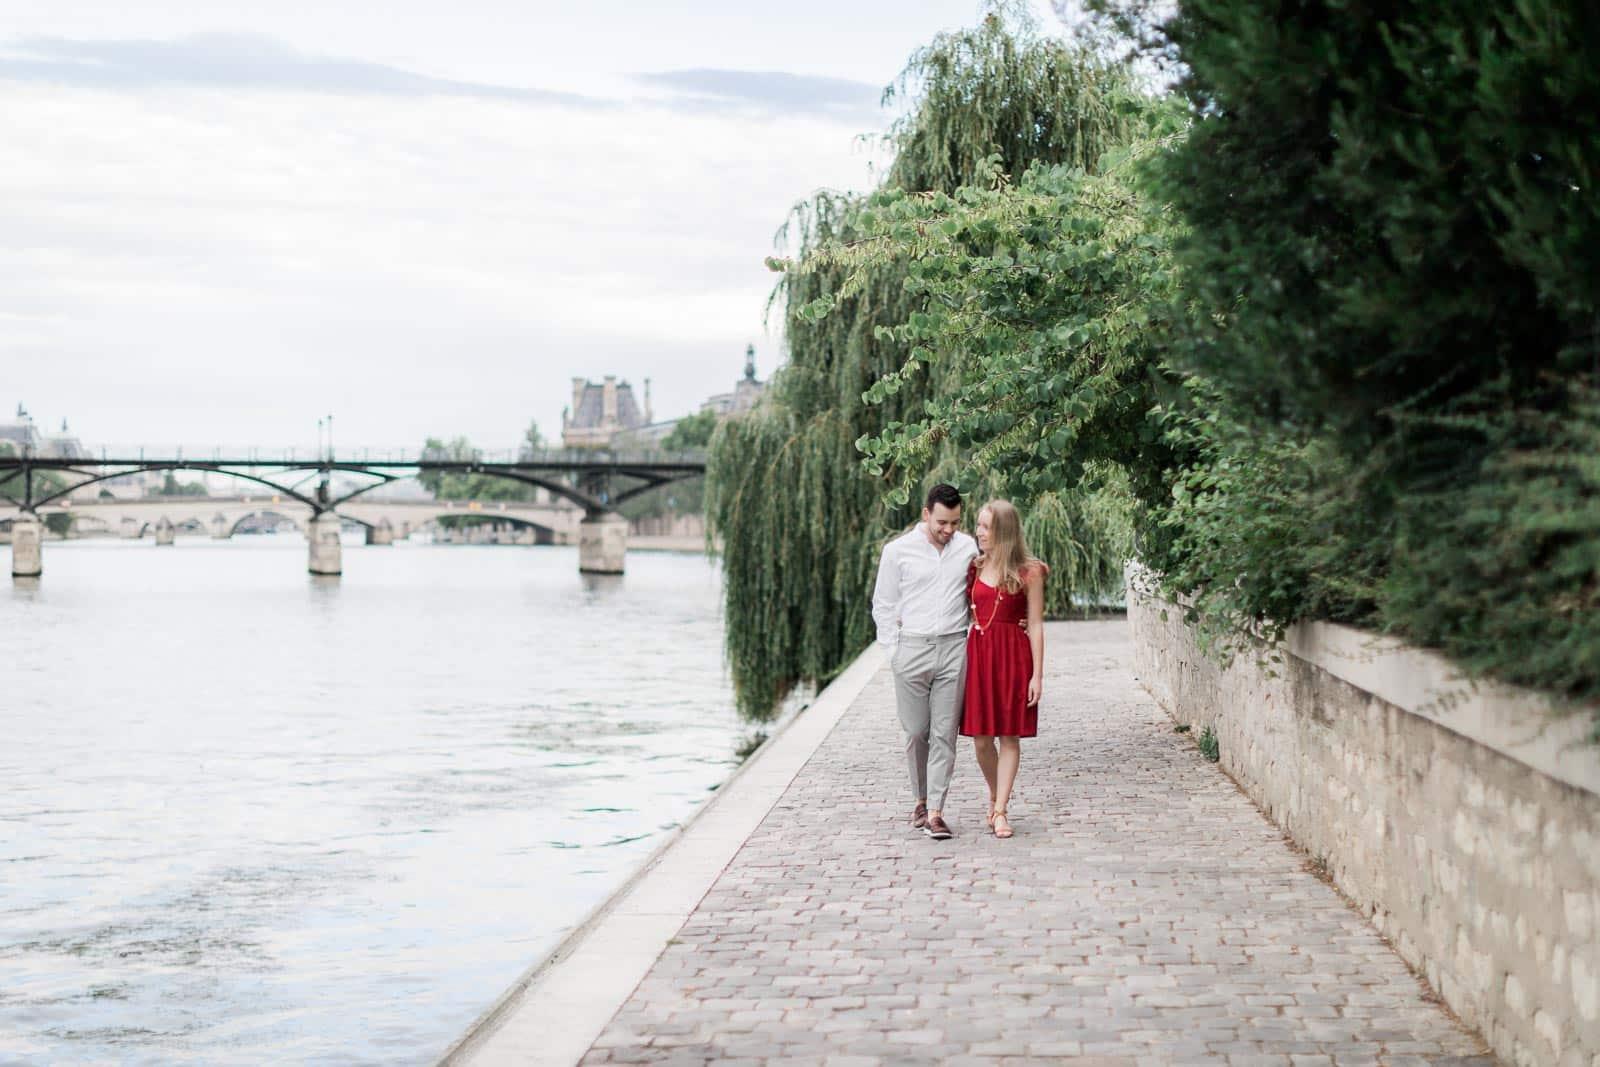 Photo de Mathieu Dété, couple amoureux marchant en bord de Seine